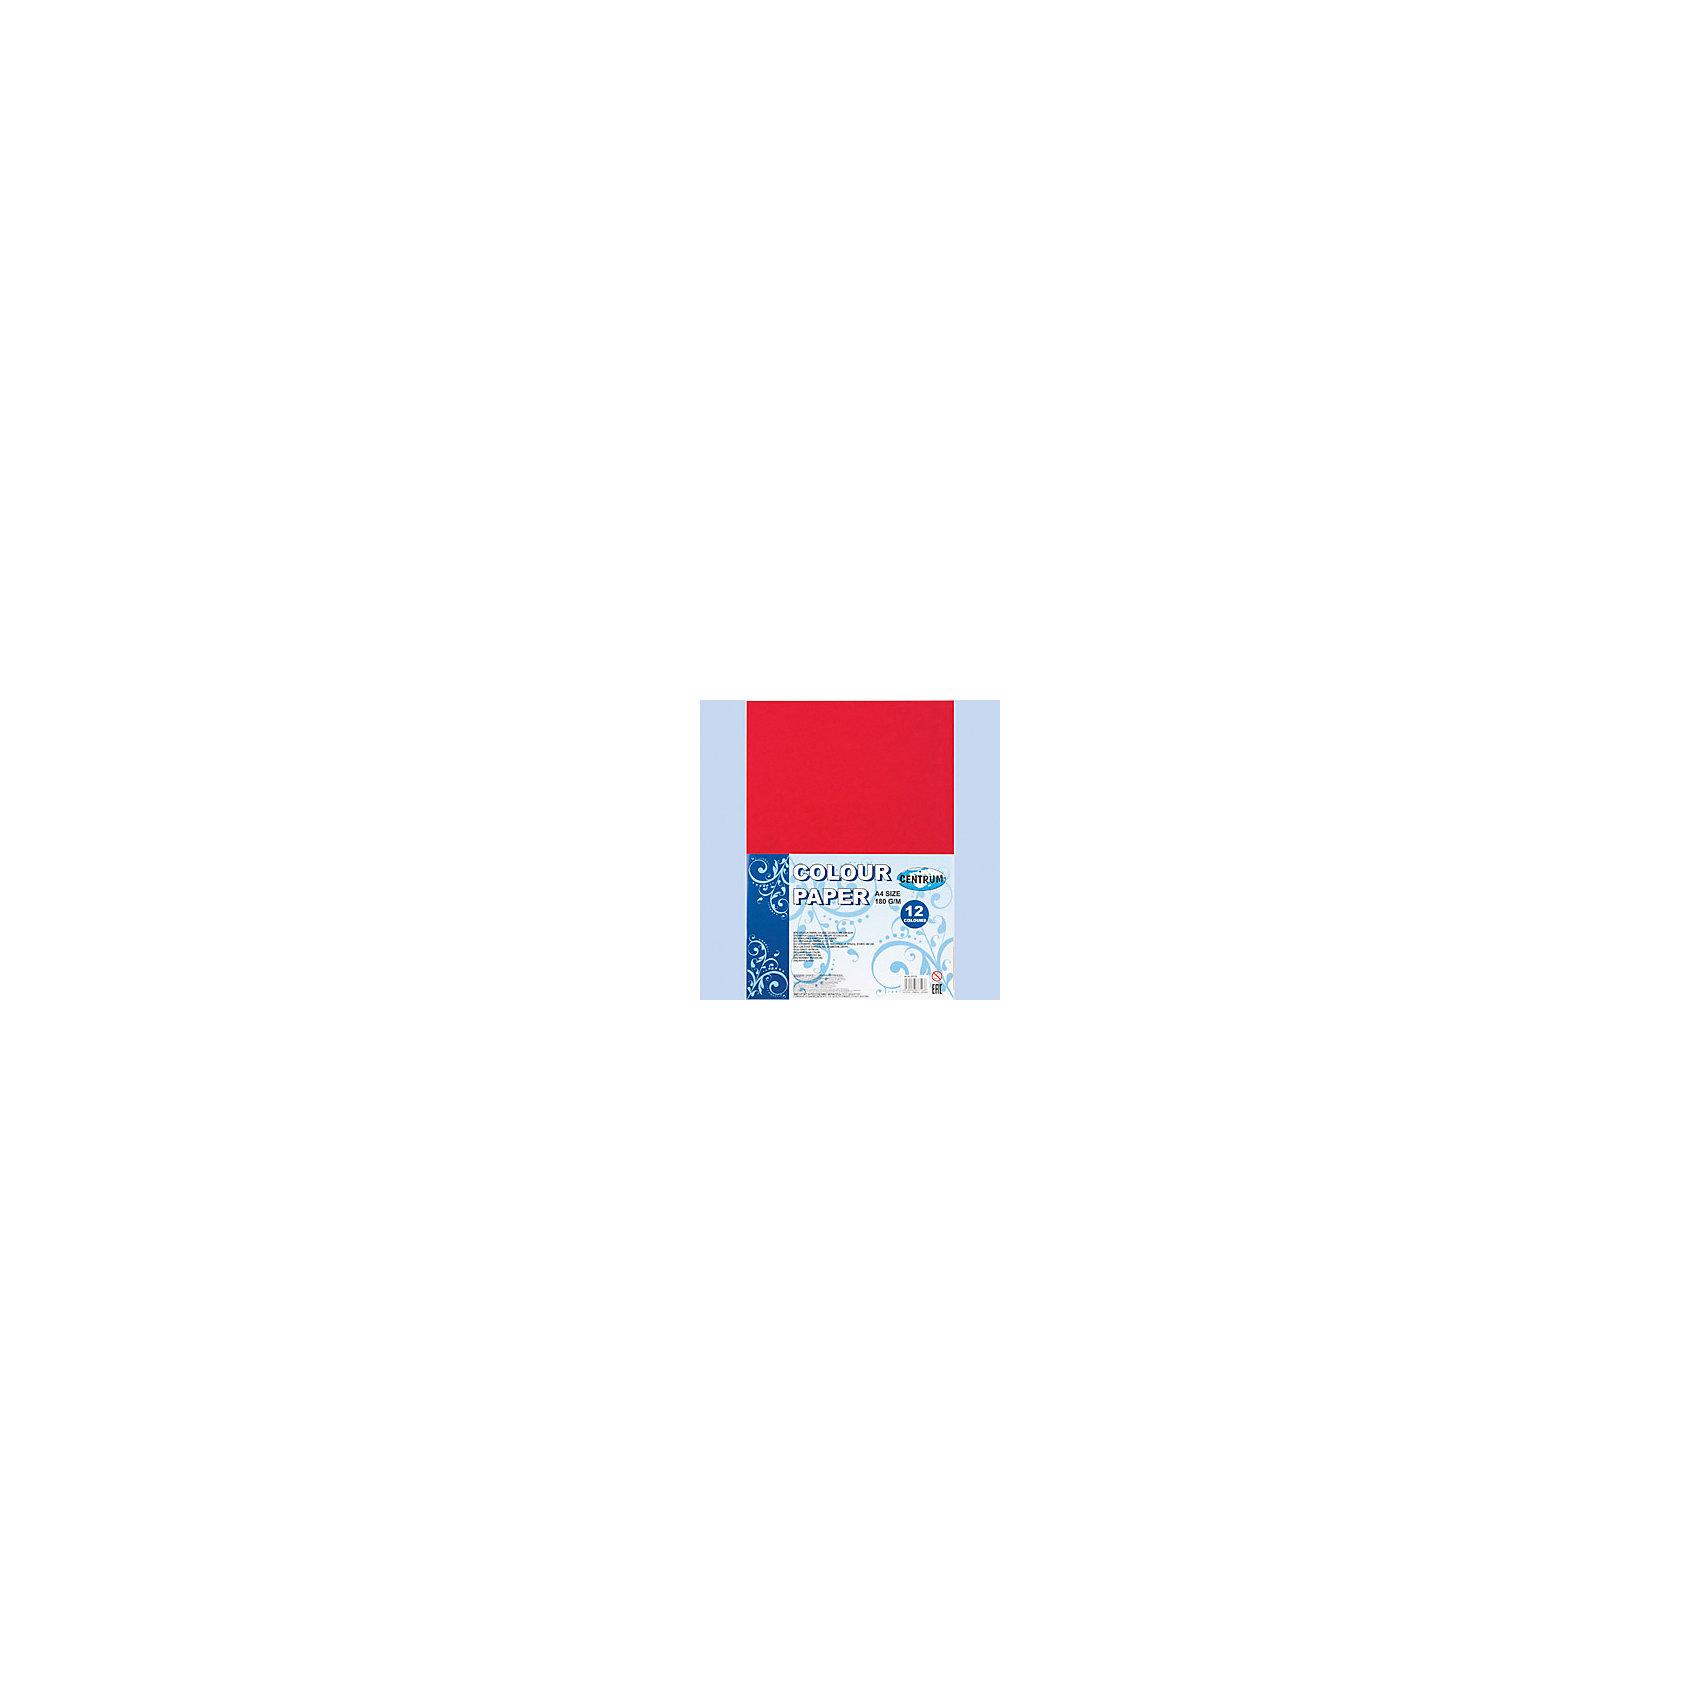 Centrum Набор декоративной бумаги для детского творчества, формат А4, 12 цветов, 180 г., двусторонняяНаборы для раскрашивания<br>Набор декоративной бумаги для детского творчества, формат А4, 12 цветов, 180 г., двусторонняя<br><br>Ширина мм: 3<br>Глубина мм: 211<br>Высота мм: 298<br>Вес г: 149<br>Возраст от месяцев: 72<br>Возраст до месяцев: 2147483647<br>Пол: Унисекс<br>Возраст: Детский<br>SKU: 6846762